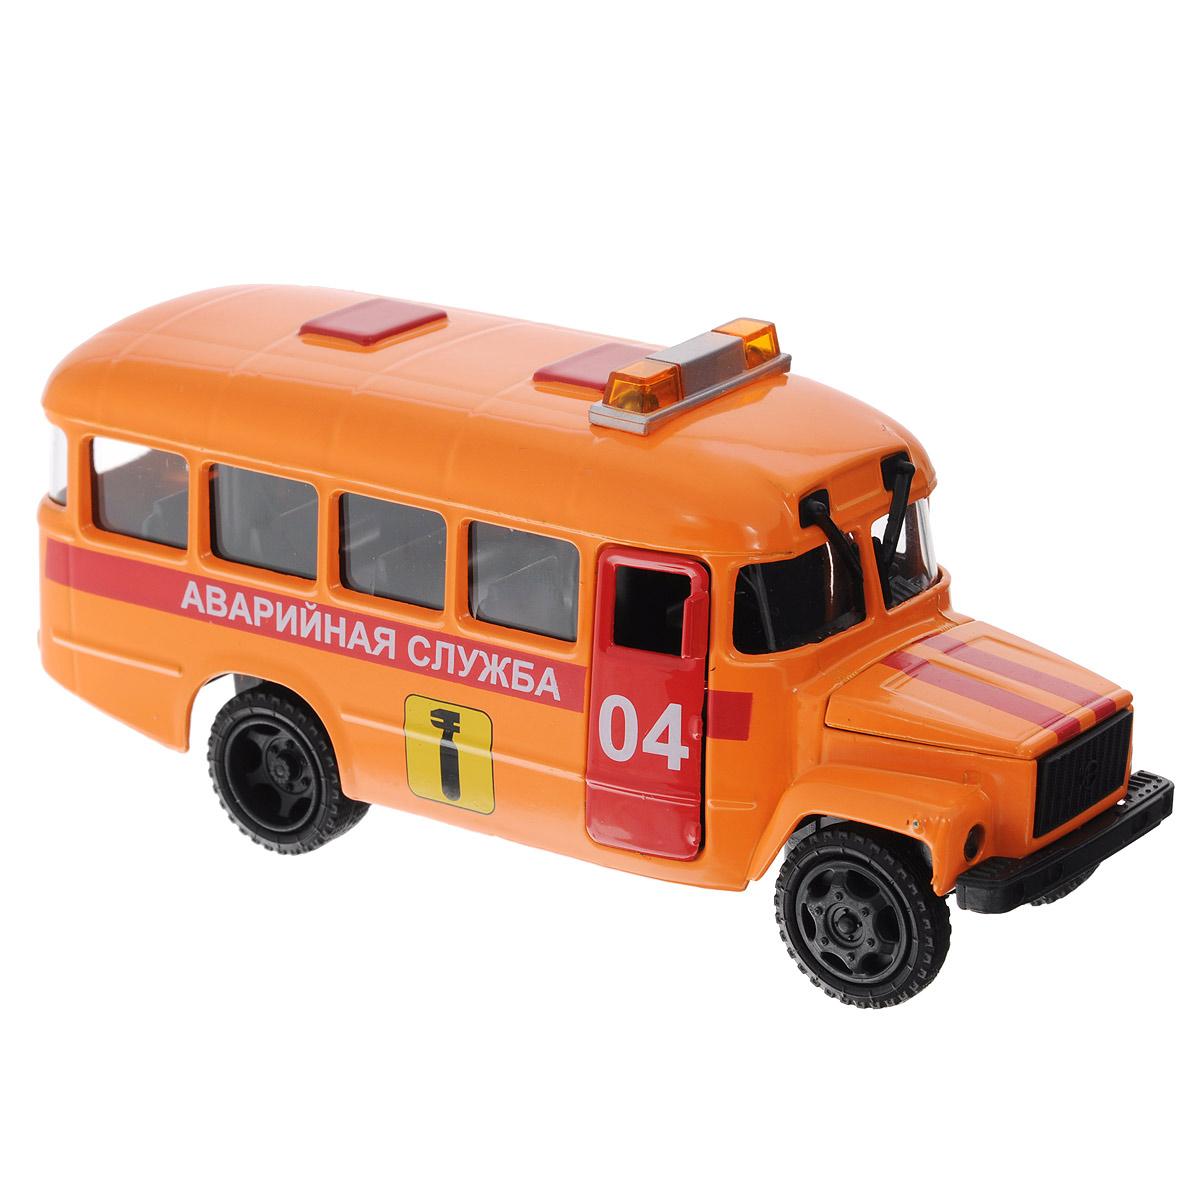 ТехноПарк Машинка инерционная КАвЗ 3976 Аварийная службаCT10-069-7Машинка инерционная ТехноПарк КАвЗ 3976: Аварийная служба, выполненная из пластика и металла, станет любимой игрушкой вашего малыша. Игрушка представляет собой модель автобуса КАвЗ 3976 Аварийной службы. Дверцы кабины водителя, кузова и капот открываются. При нажатии на капот машины, замигают проблесковые маячки на крыше и прозвучат команды диспетчера. Игрушка оснащена инерционным ходом. Машинку необходимо отвести назад, затем отпустить - и она быстро поедет вперед. Прорезиненные колеса обеспечивают надежное сцепление с любой поверхностью пола. Ваш ребенок будет часами играть с этой машинкой, придумывая различные истории. Порадуйте его таким замечательным подарком! Машинка работает от батареек (товар комплектуется демонстрационными).